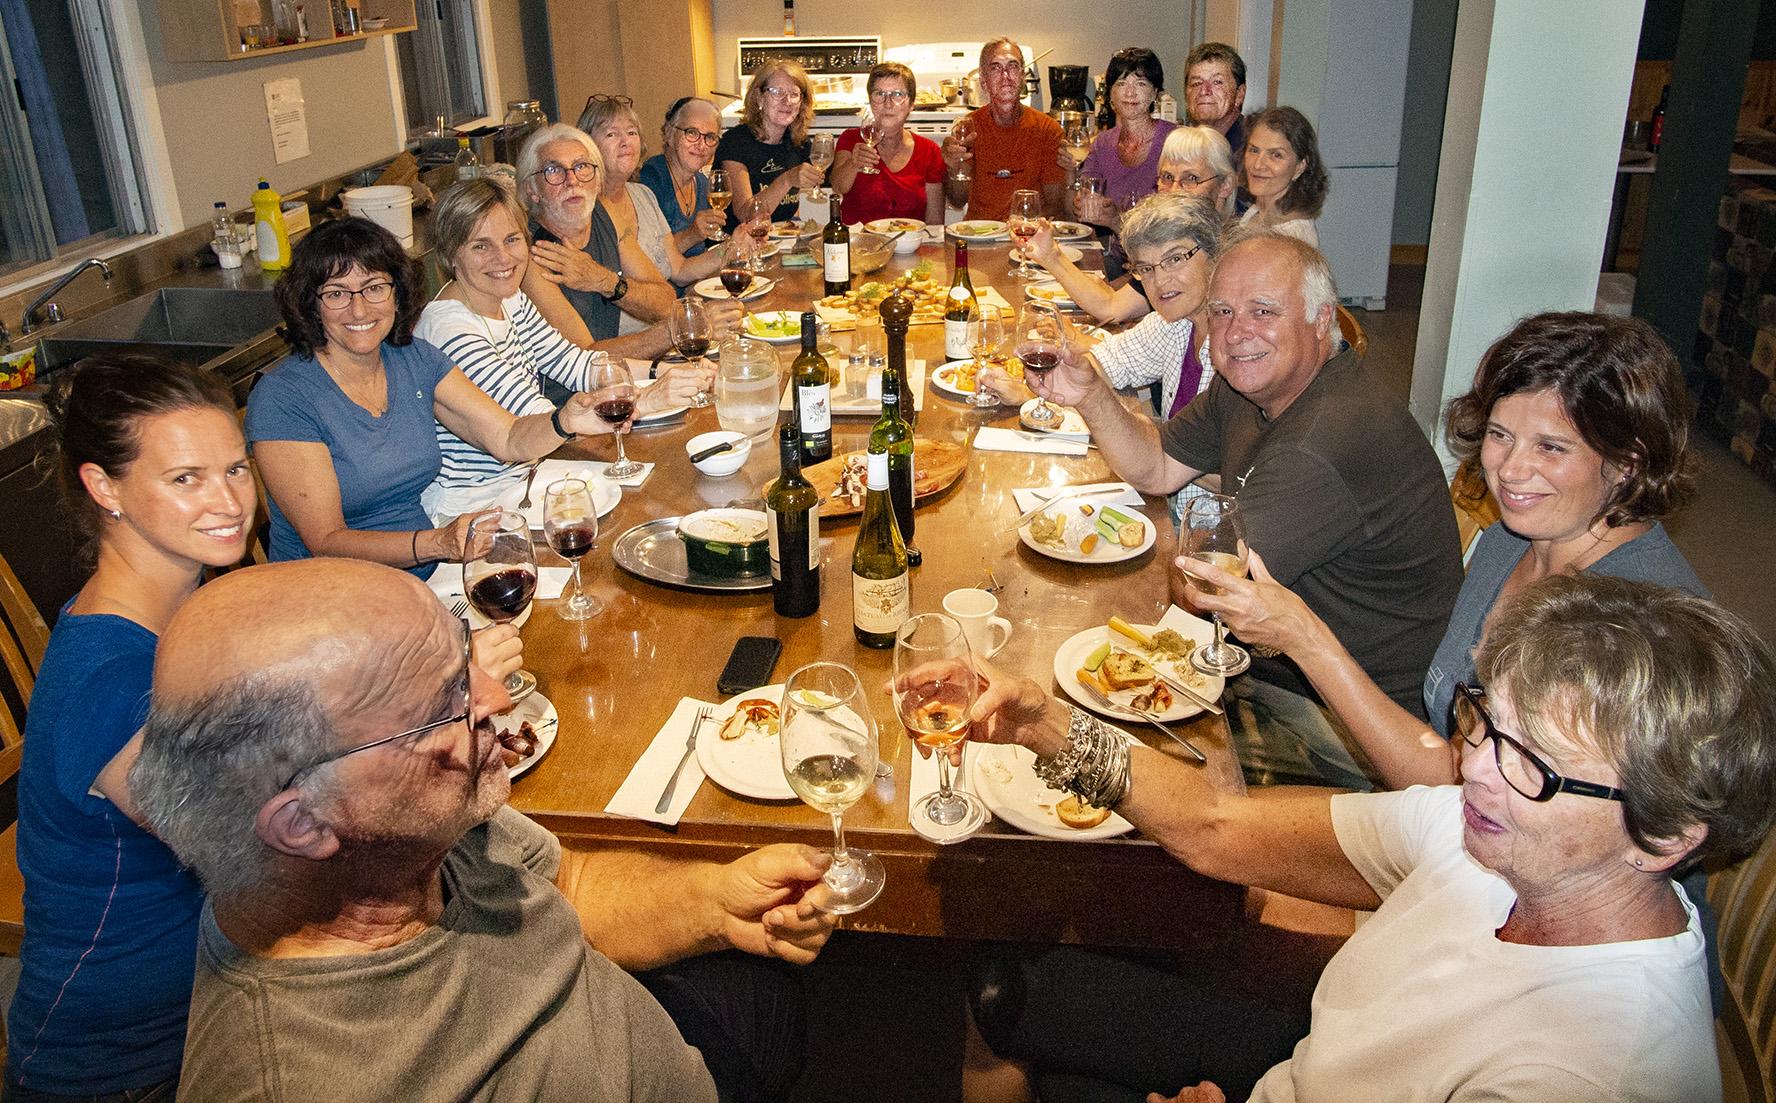 Activité de cueillette et de cuisine boréales à la Forêt Montmorency, les 18 et 19 août 2019. Les 19 participants ont grandement apprécié l'activité!